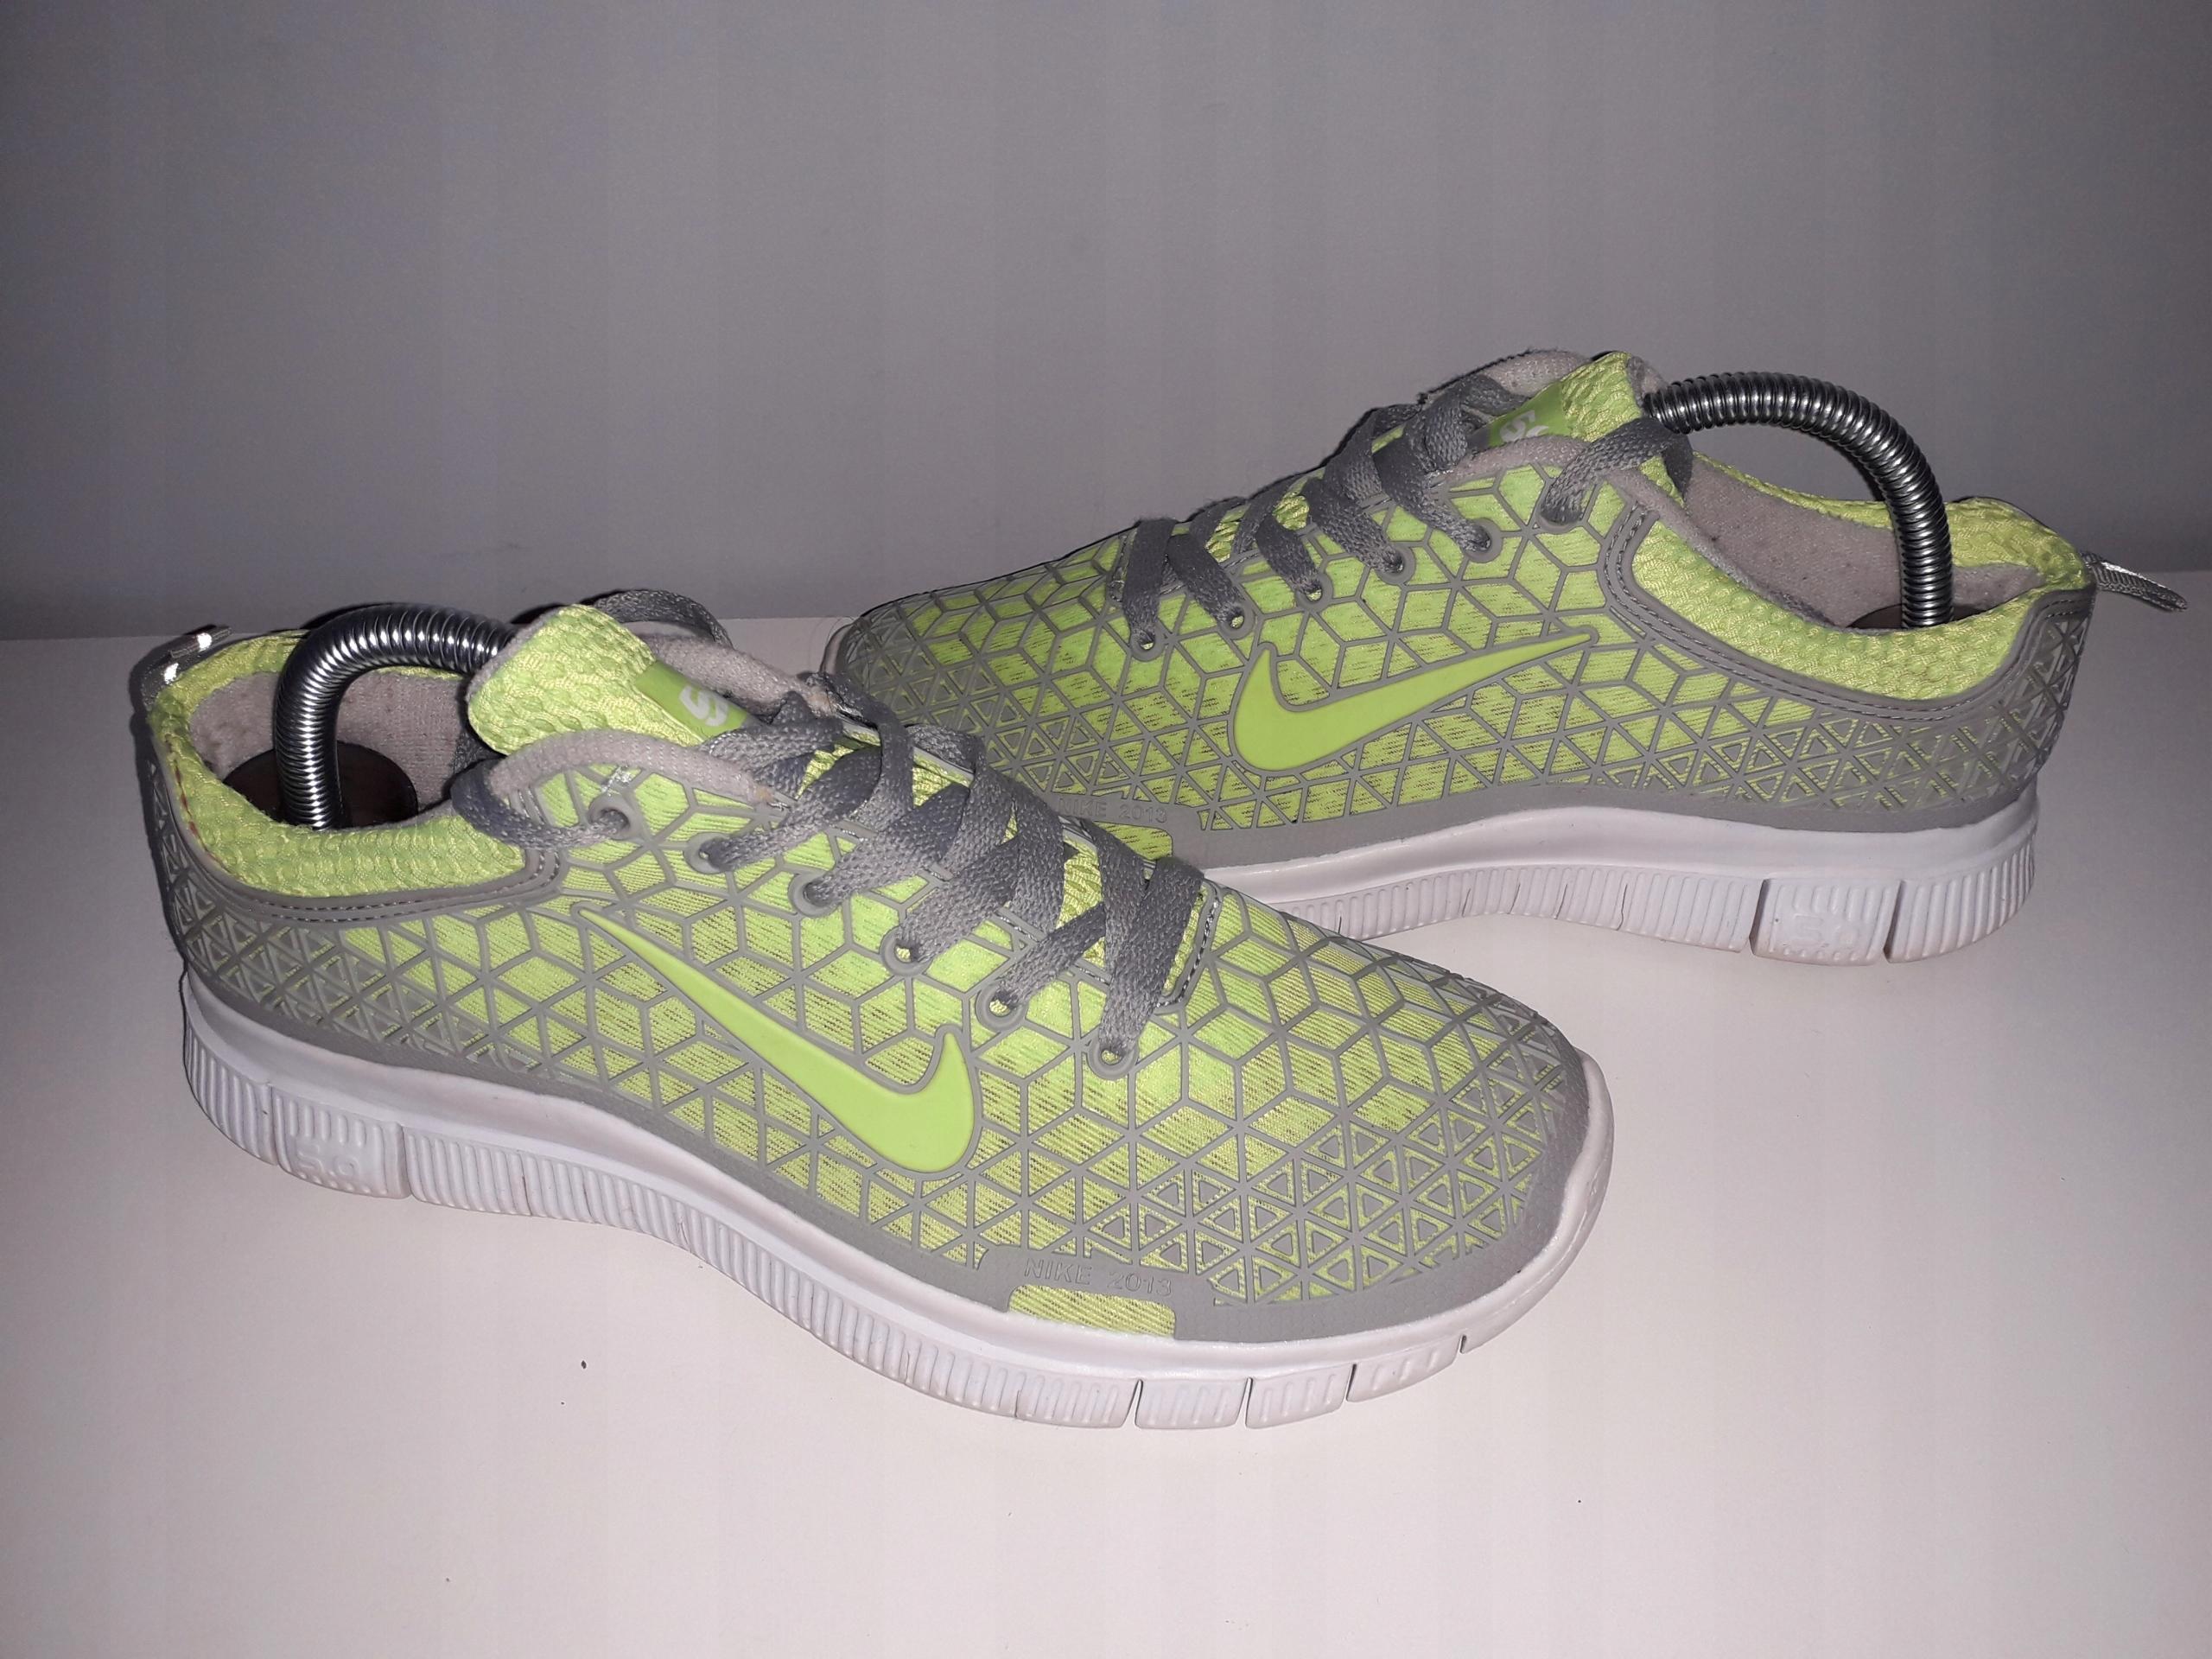 new product 1d21a ec0d2 NIKE FREE RUN 5 damskie buty sportowe OKAZJA 40 (7529278980)